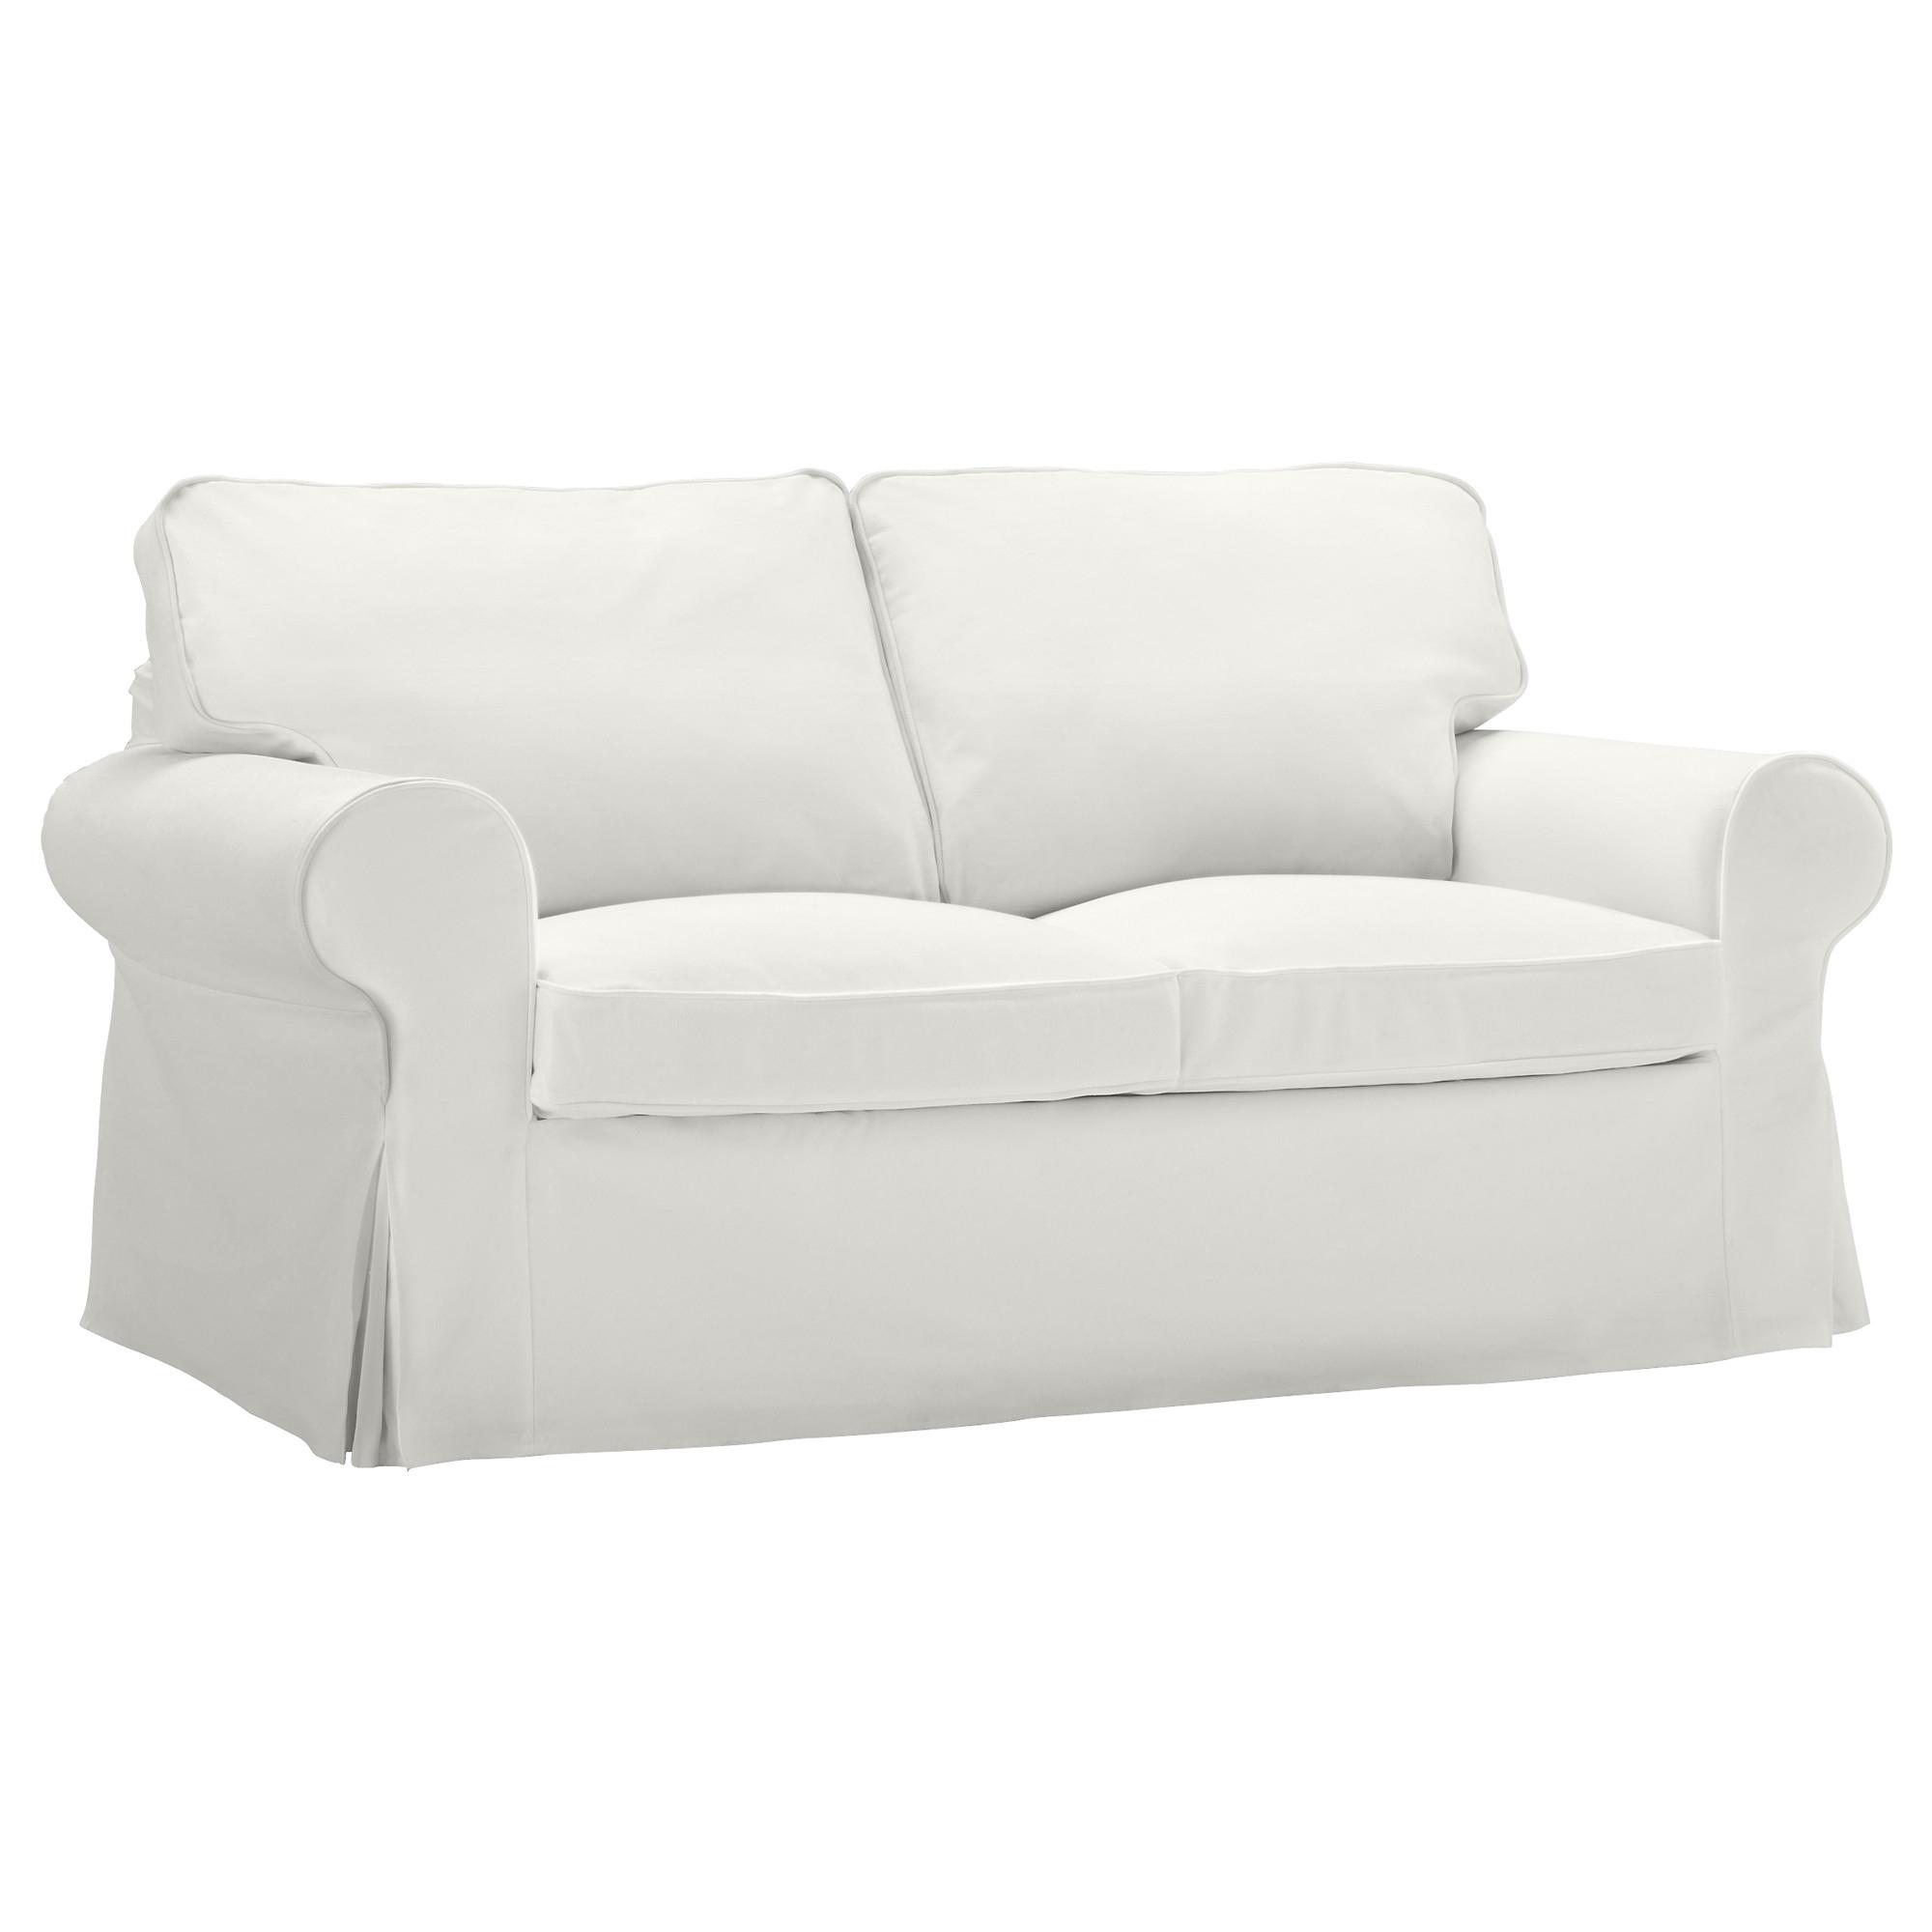 Ikea Two Seater Sofas Regarding Latest Ektorp Two Seat Sofa Blekinge White – Ikea (Gallery 14 of 15)